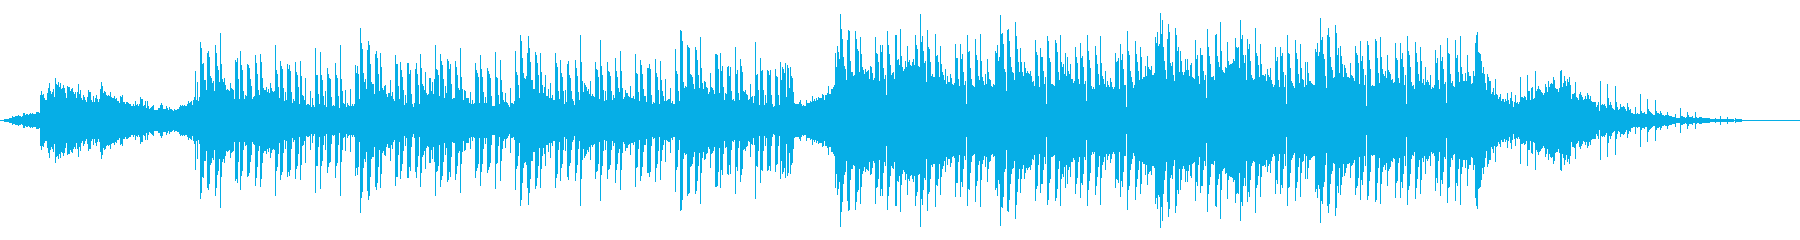 テクスチャー1の再生済みの波形